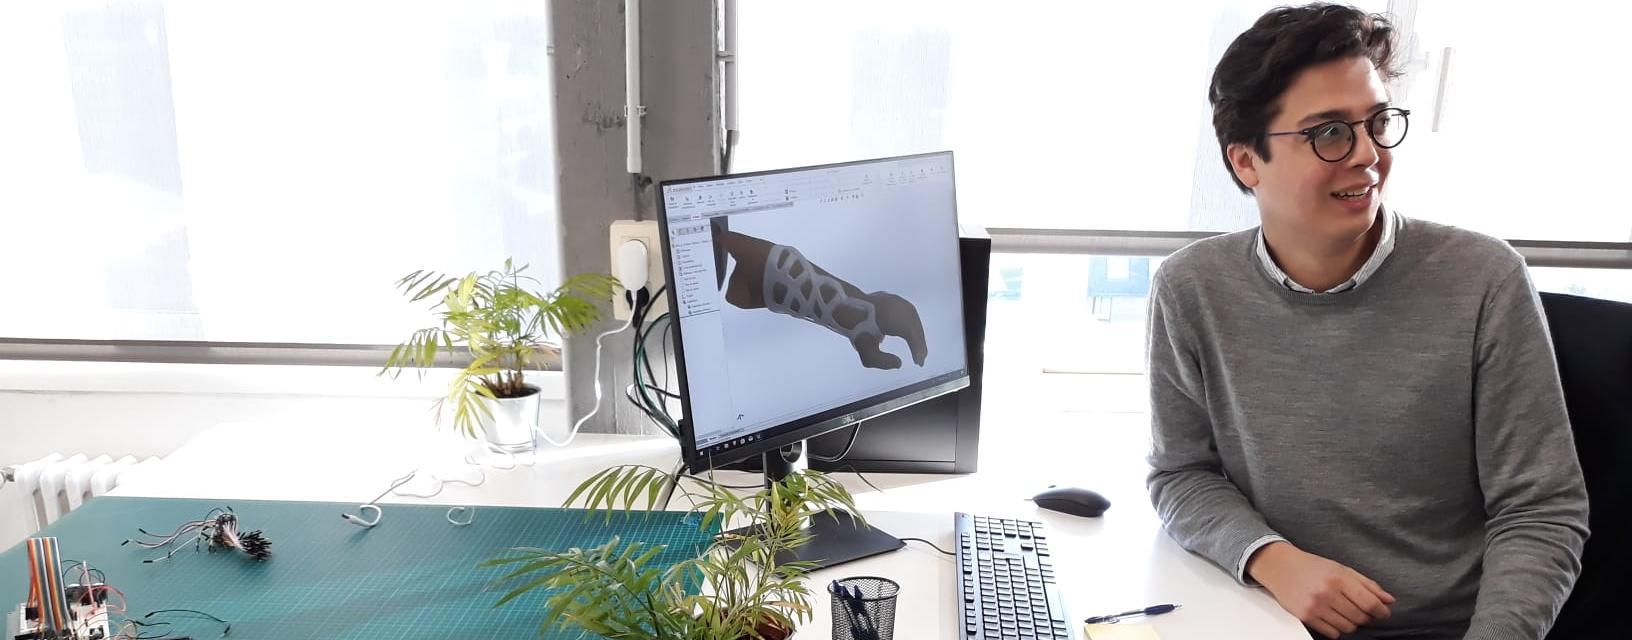 MedTech Atelier: een nieuwe prototypelab voor medische apparatuur